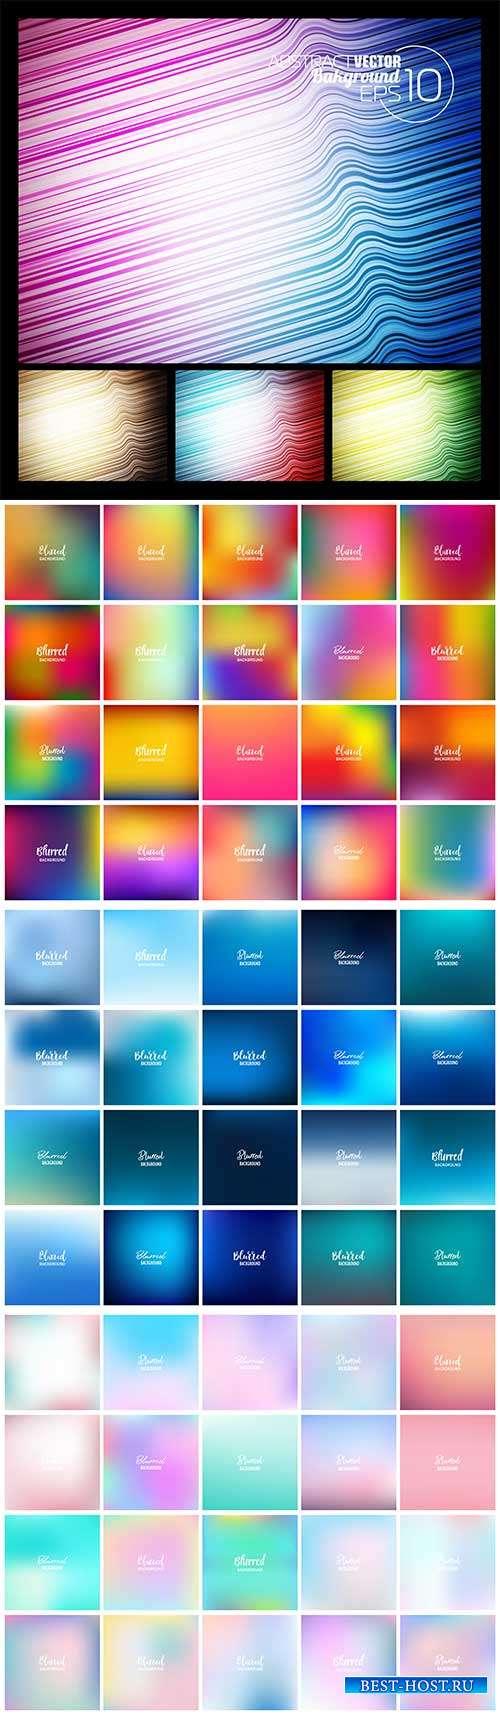 Разноцветная акварель в различных тонах - Векторные фоны